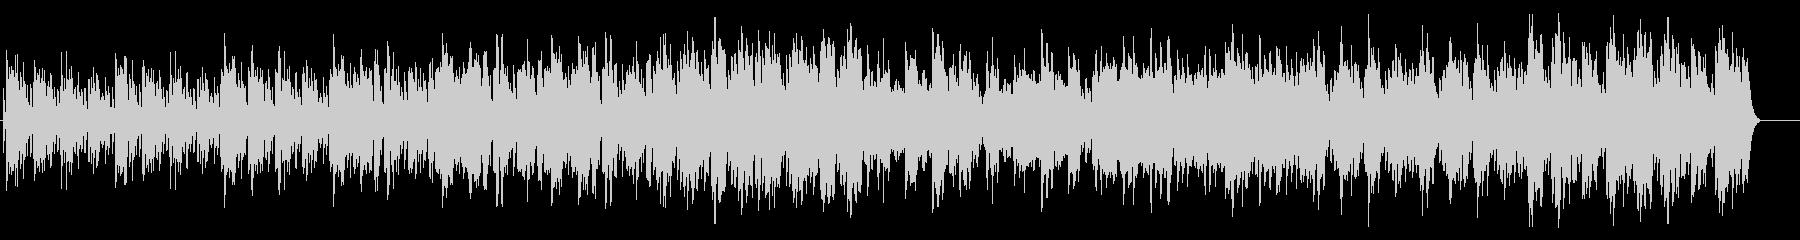 不思議・浮遊感のあるマリンバとオーボエ曲の未再生の波形